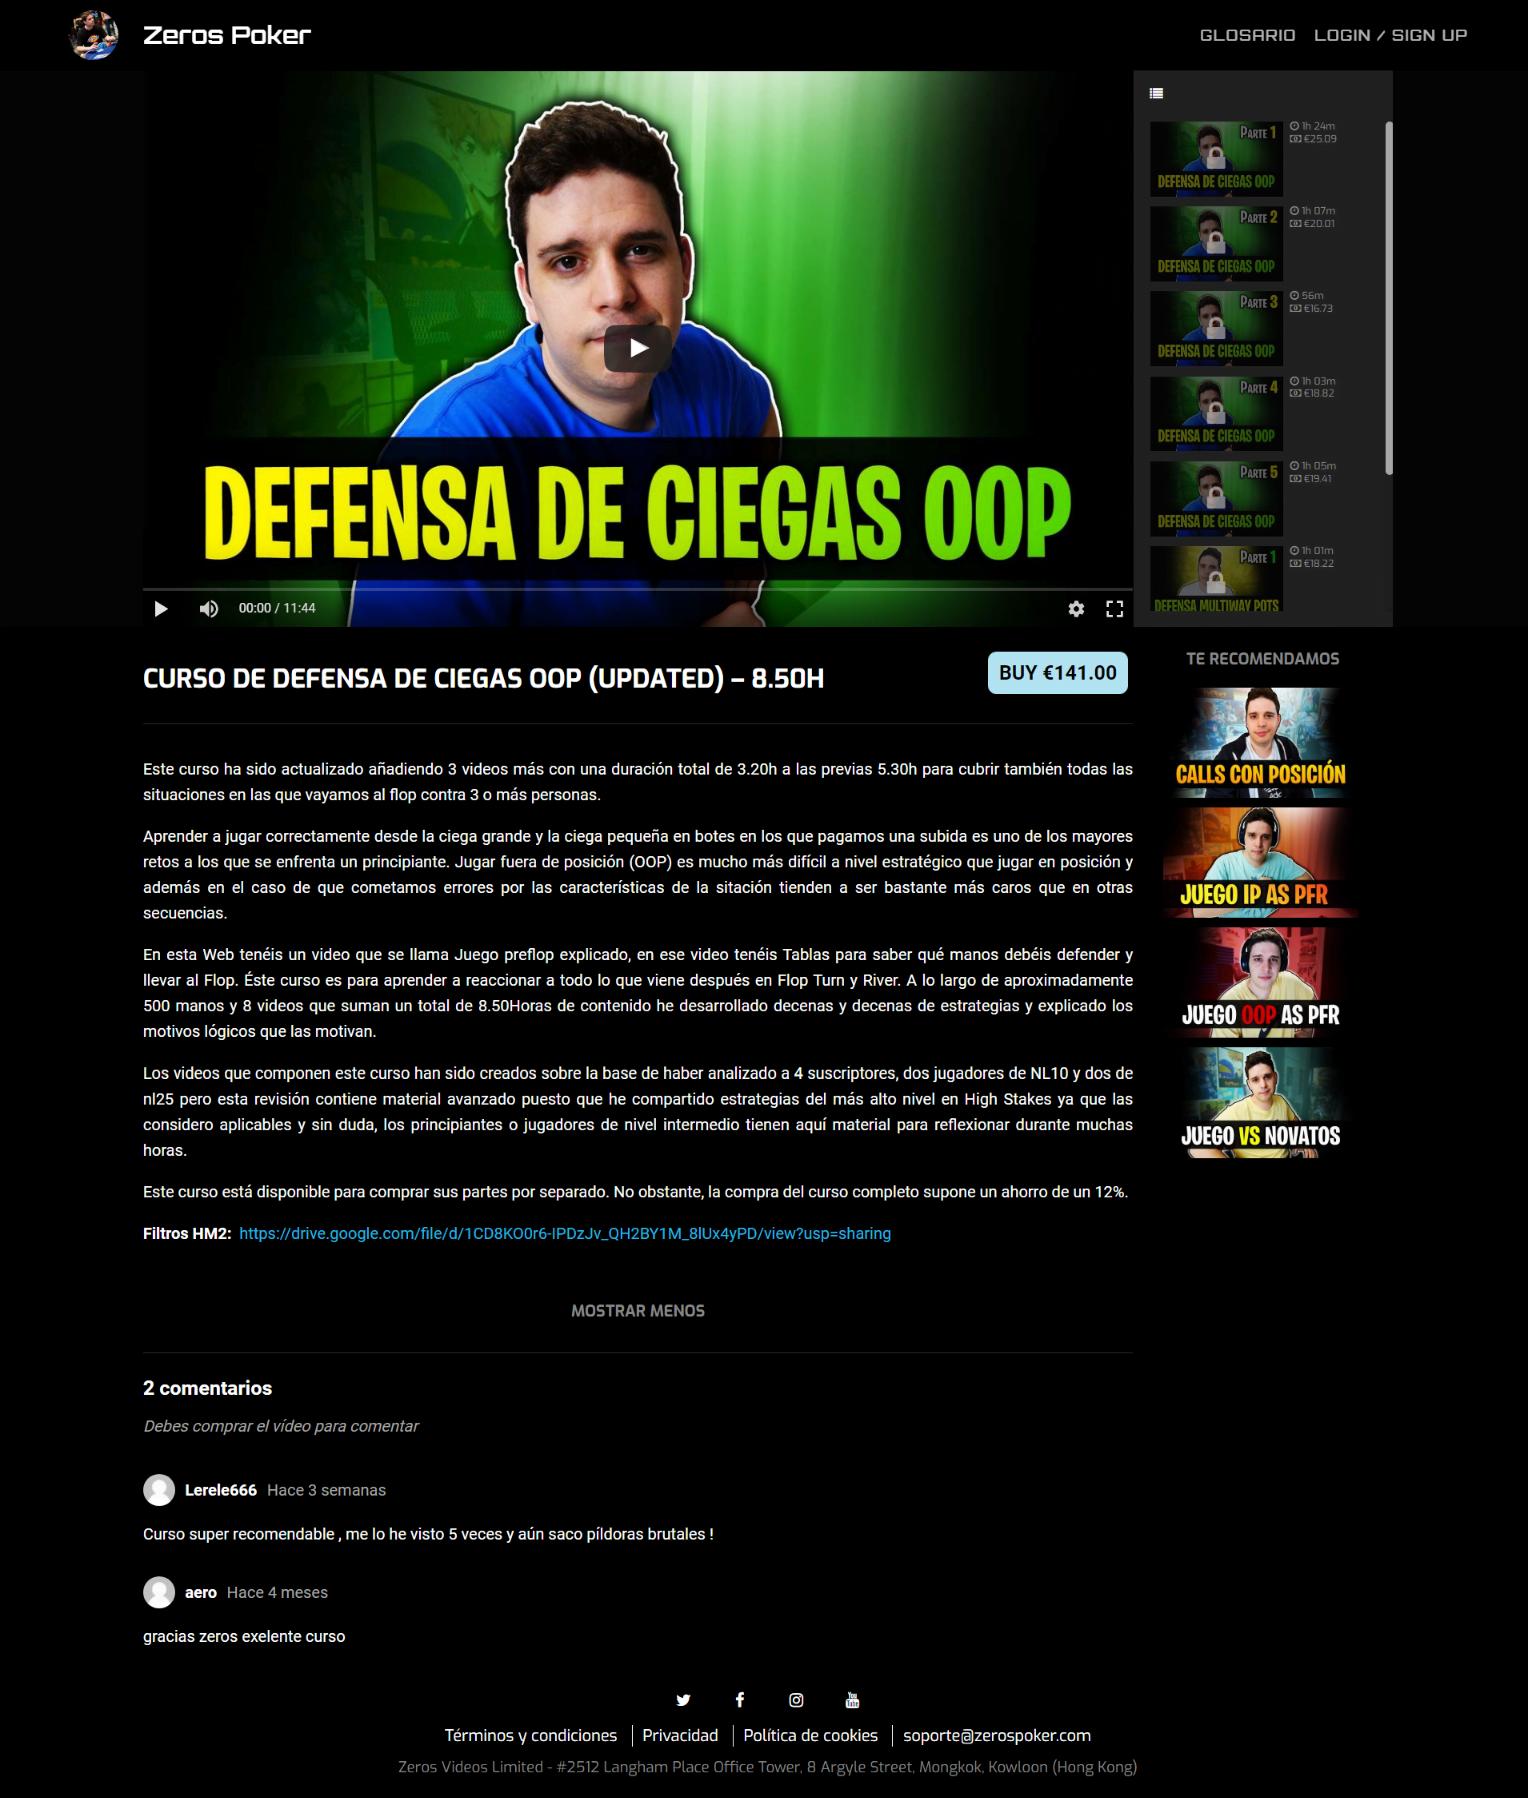 CURSO DE DEFENSA DE CIEGAS OOP (UPDATED)